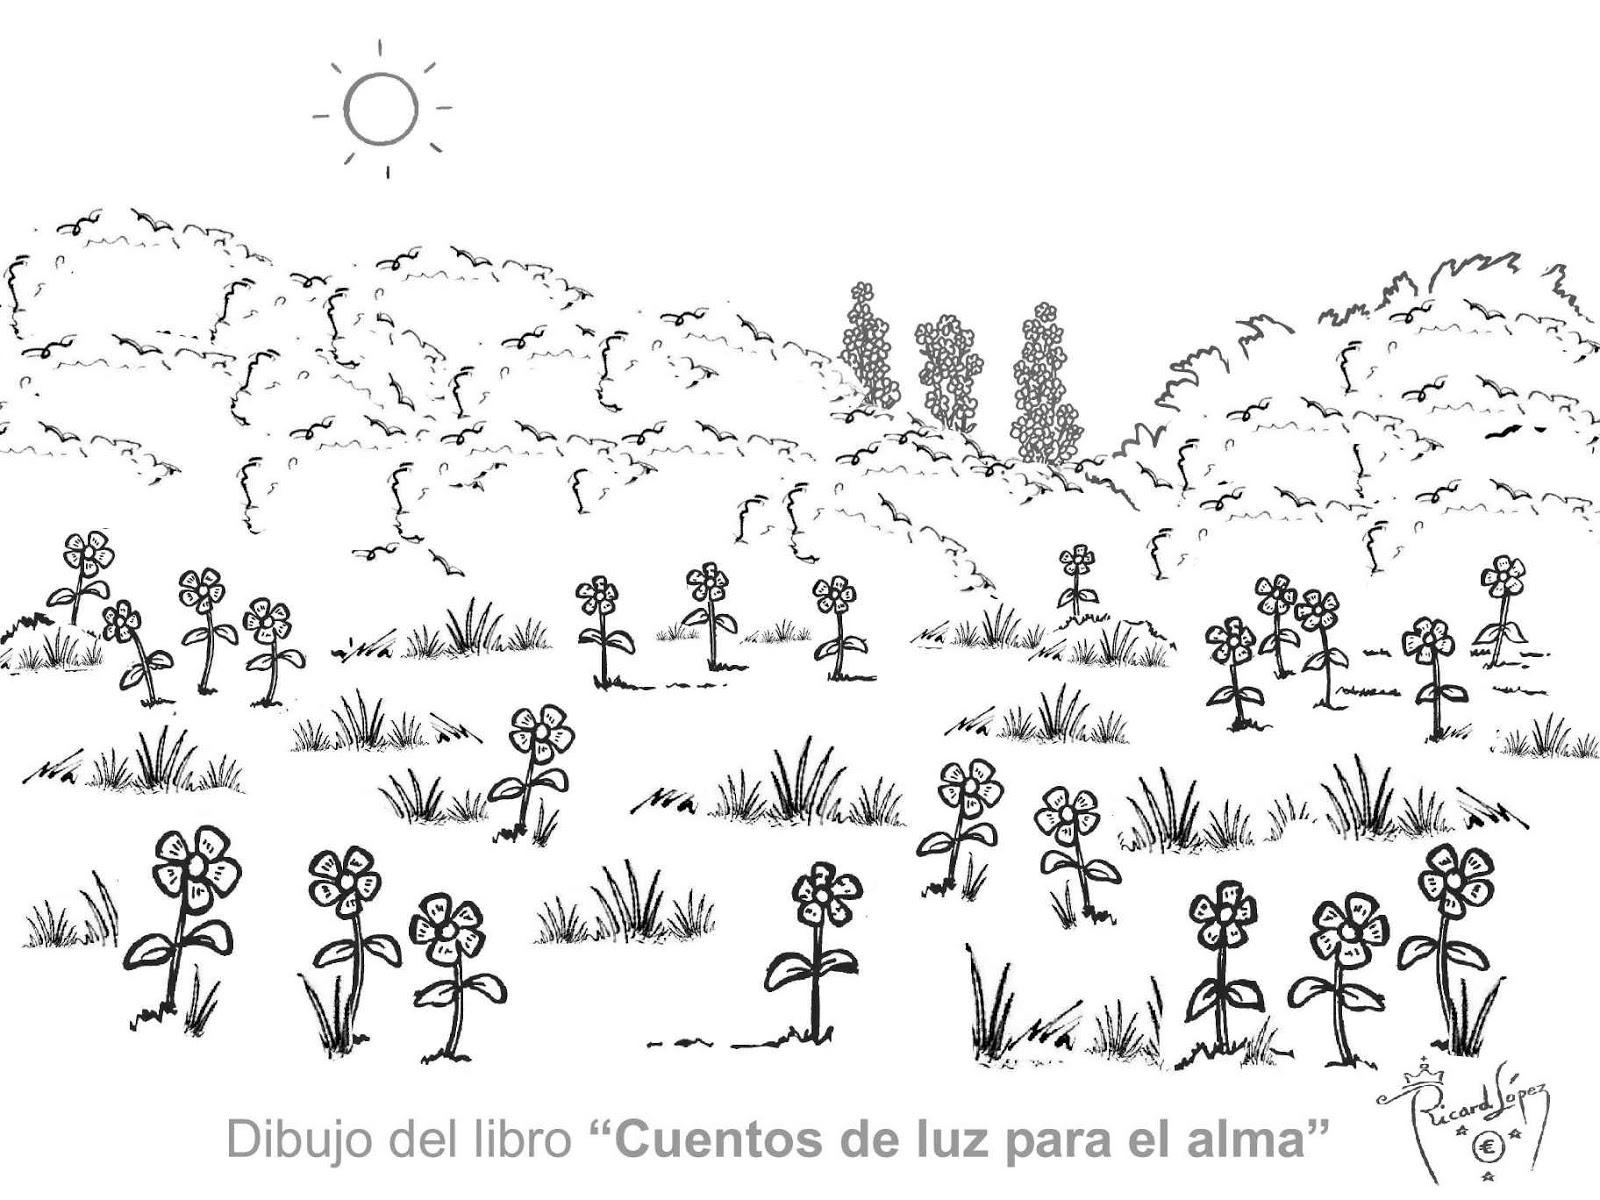 Dibujos Muy Originales Para Colorear De Ricard Lopez Dibujo De Un